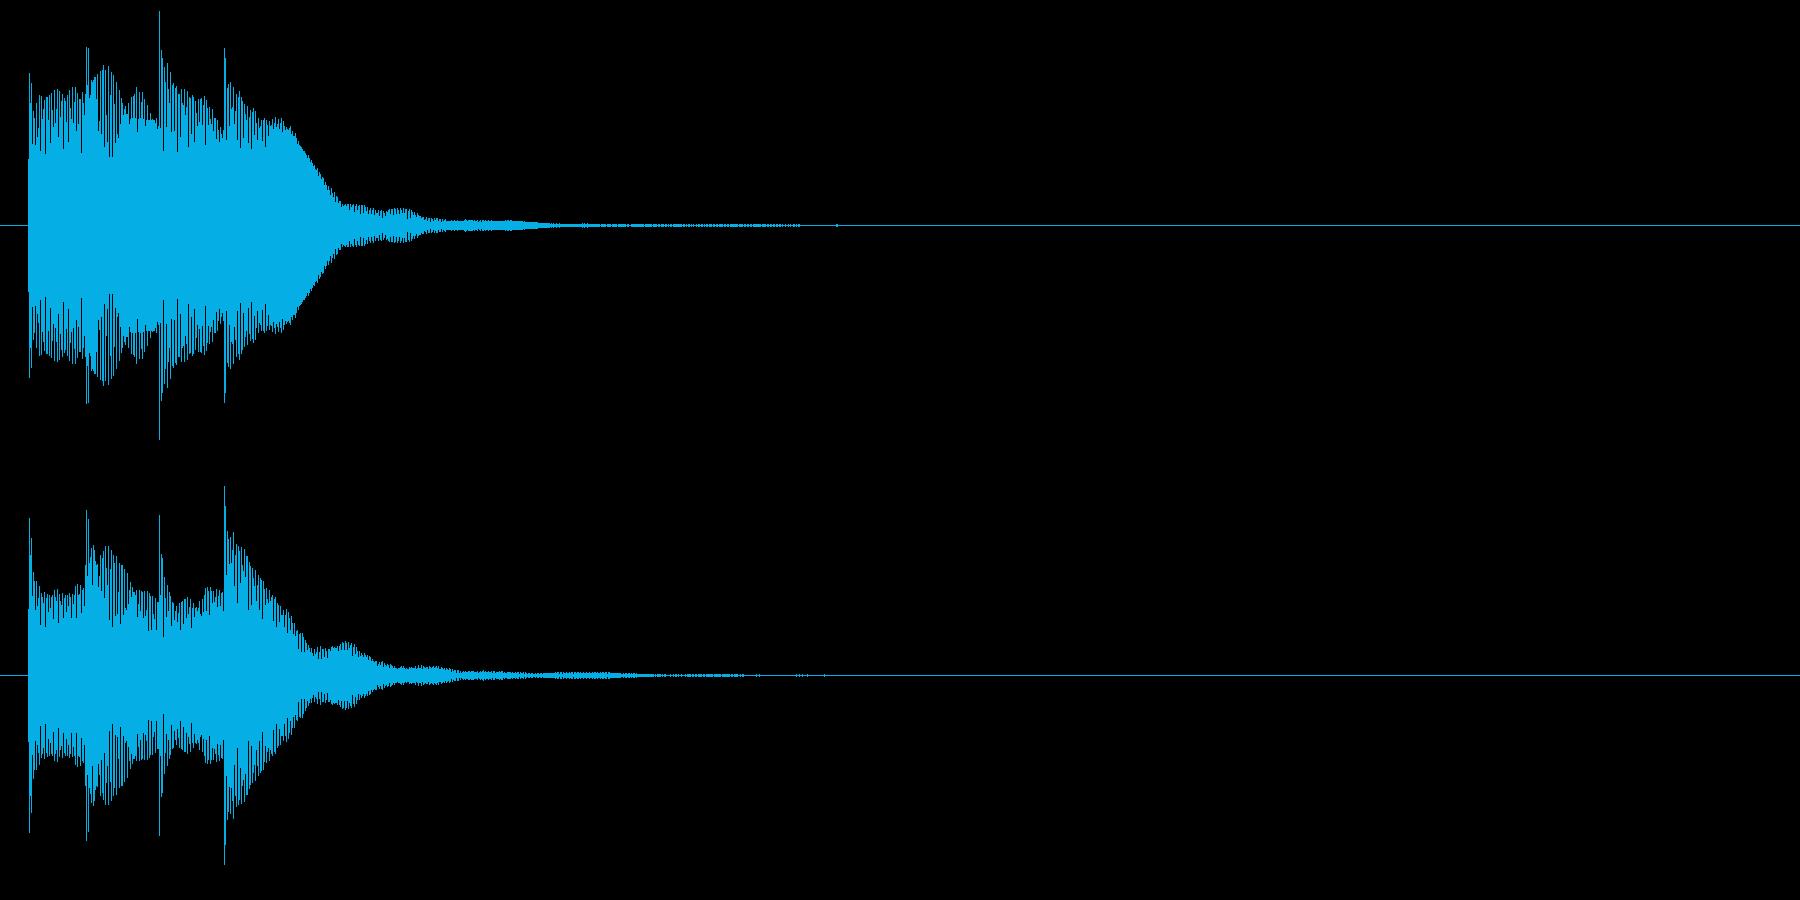 アラーム音07 マレット(maj)の再生済みの波形